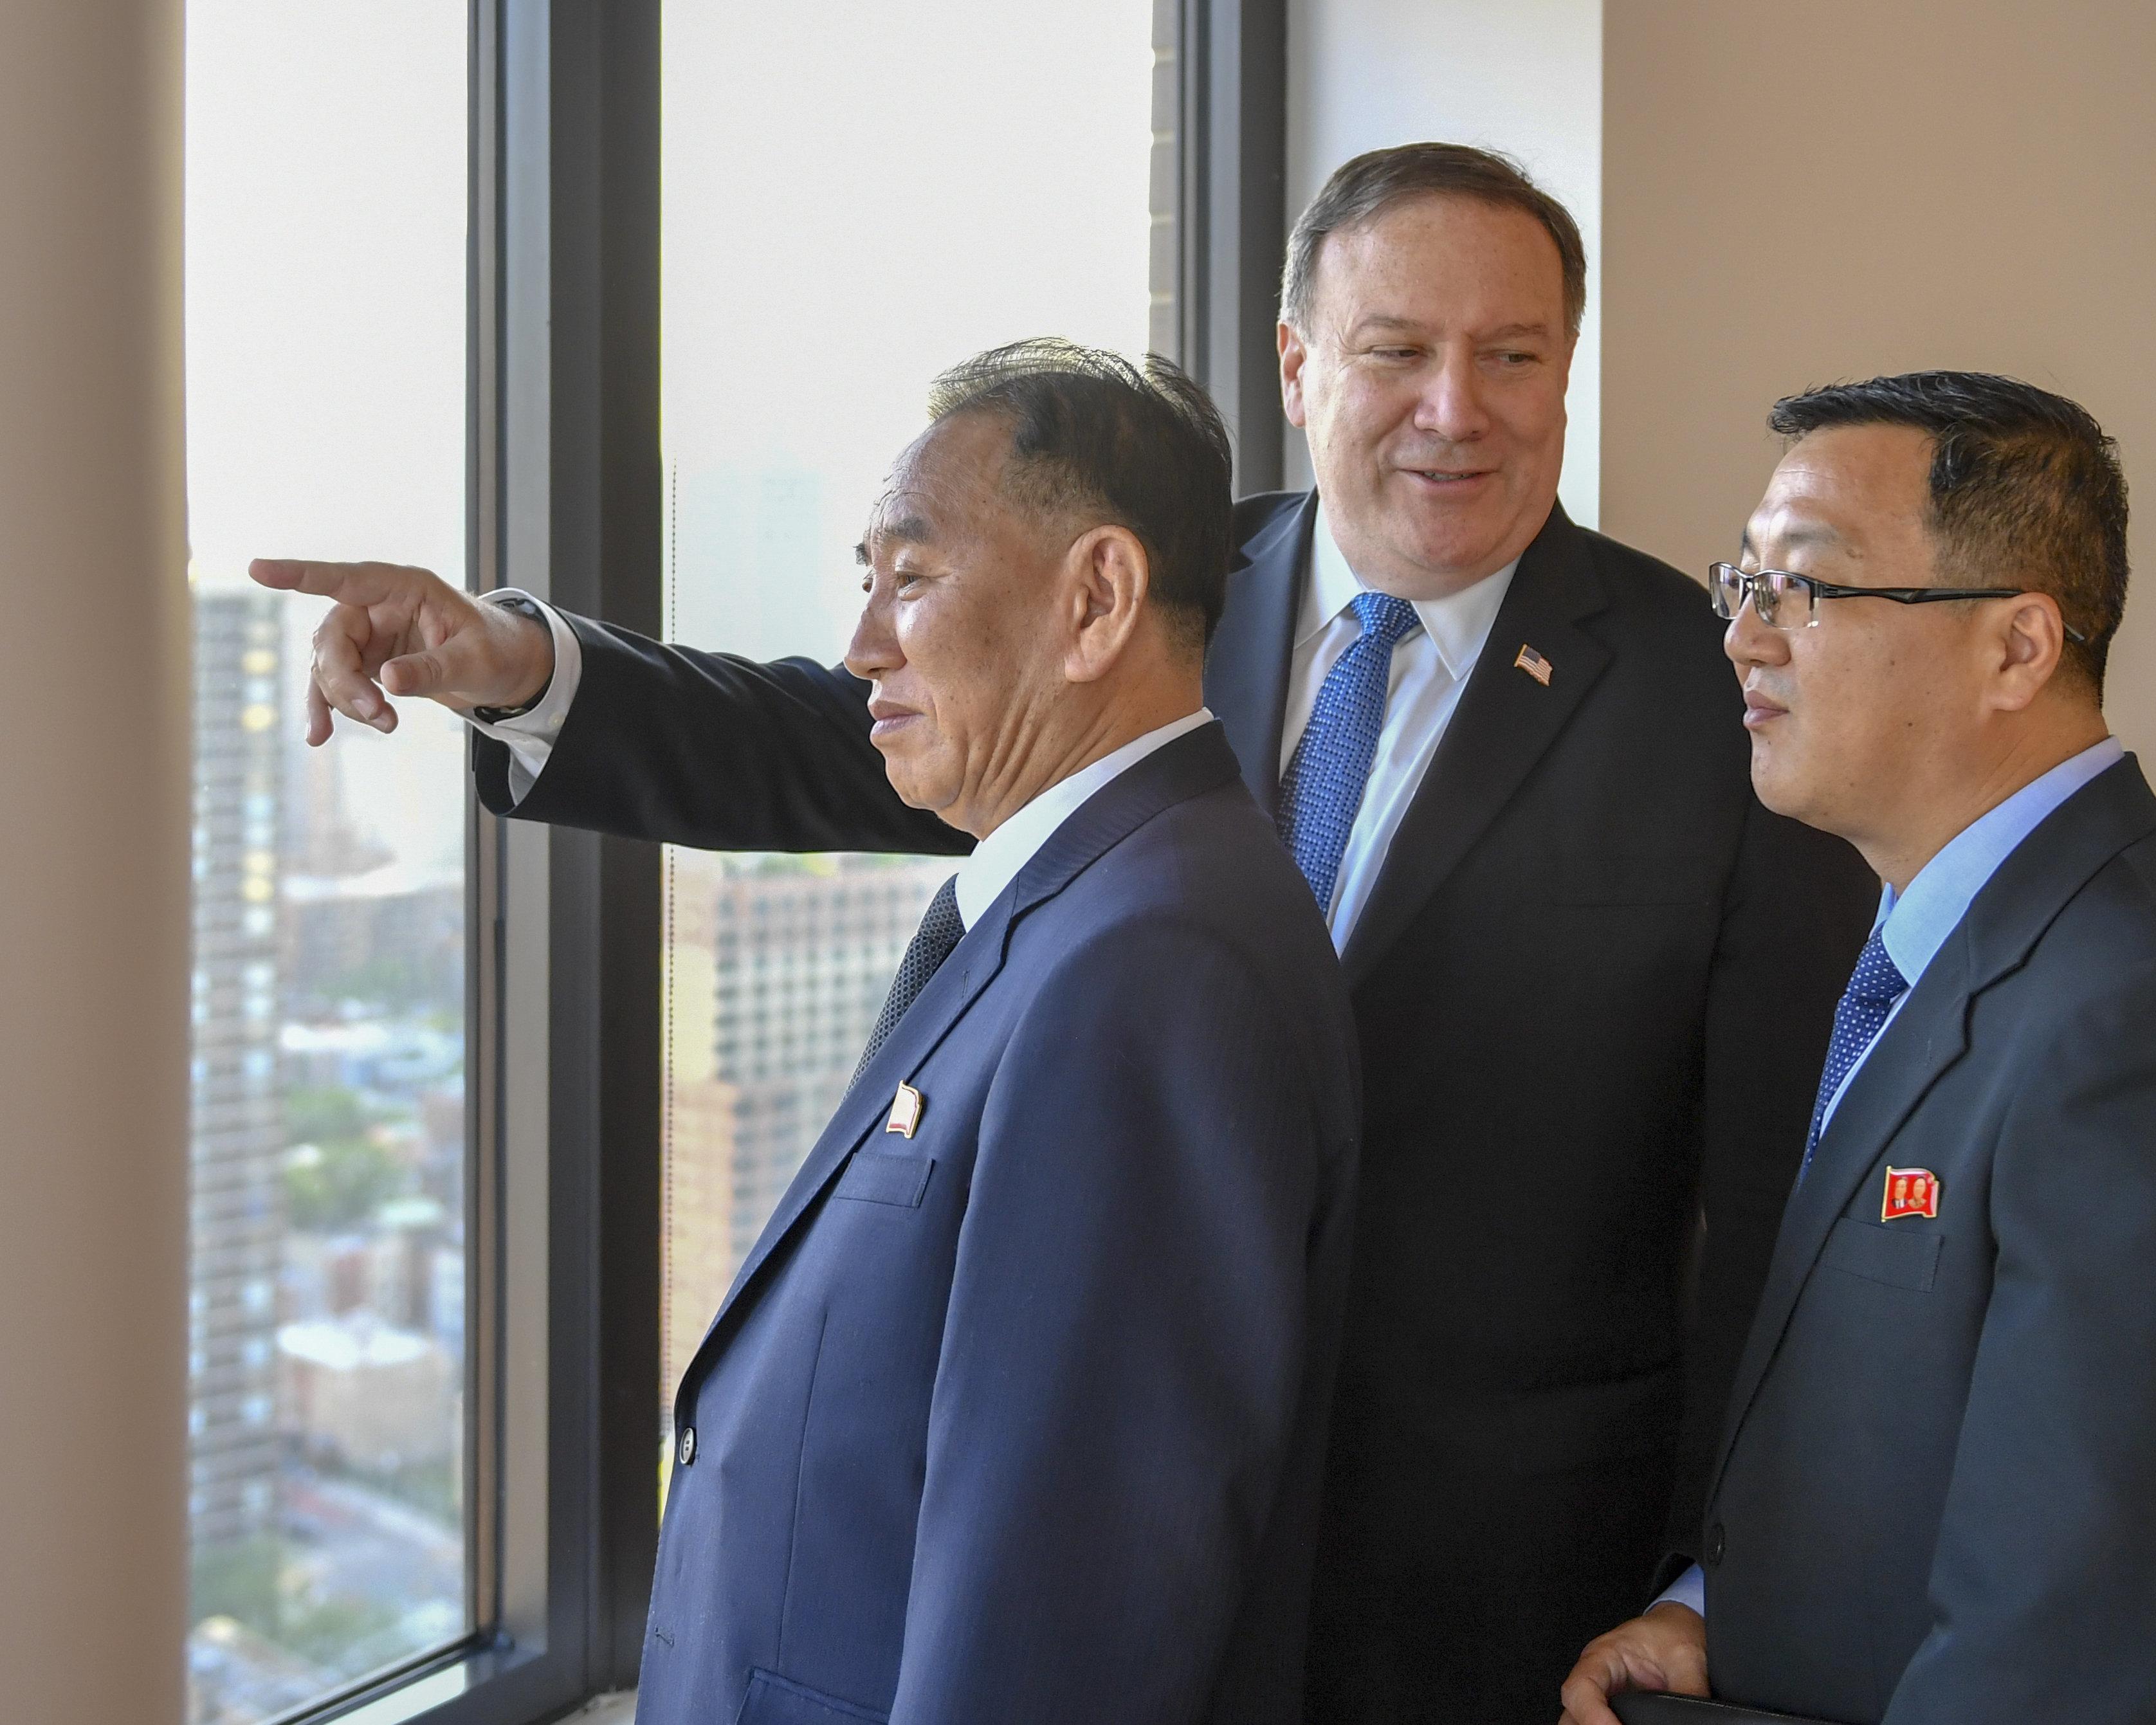 미국 국무부가 설명한 이 사진의 의미 : '북한에게는 밝은 미래가 있다'